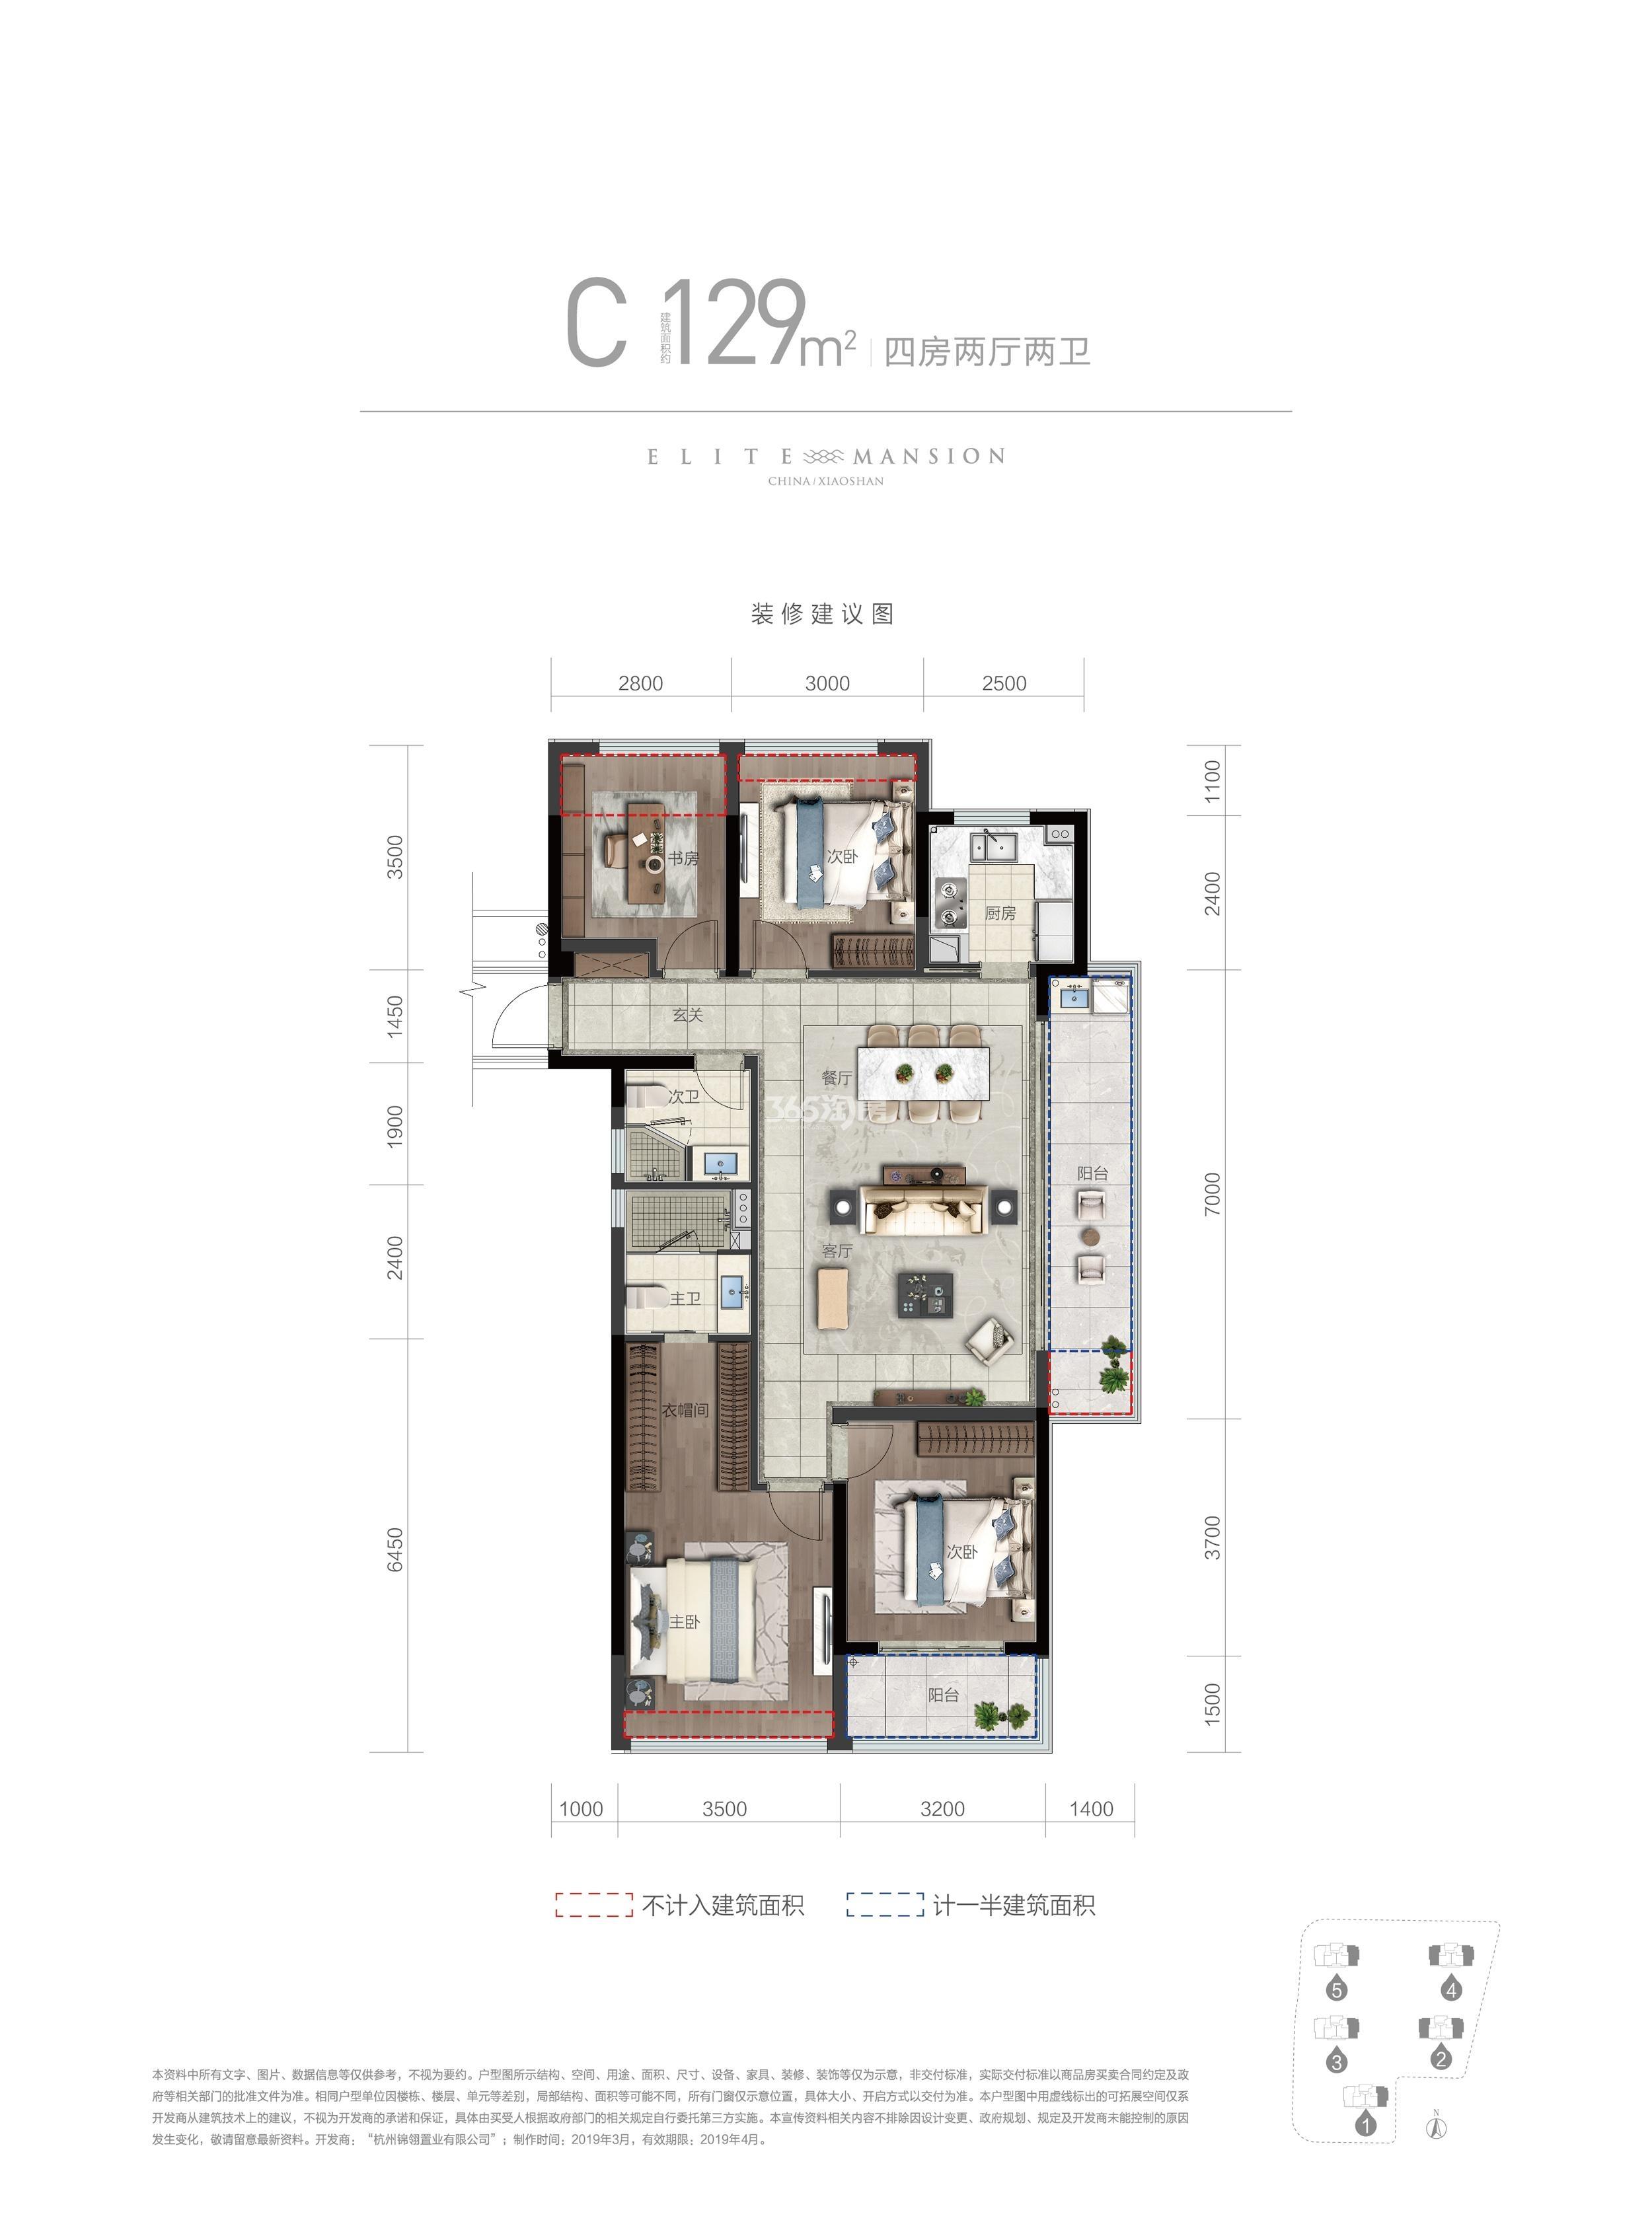 新越锦宸名邸C户型129方(1-5#)